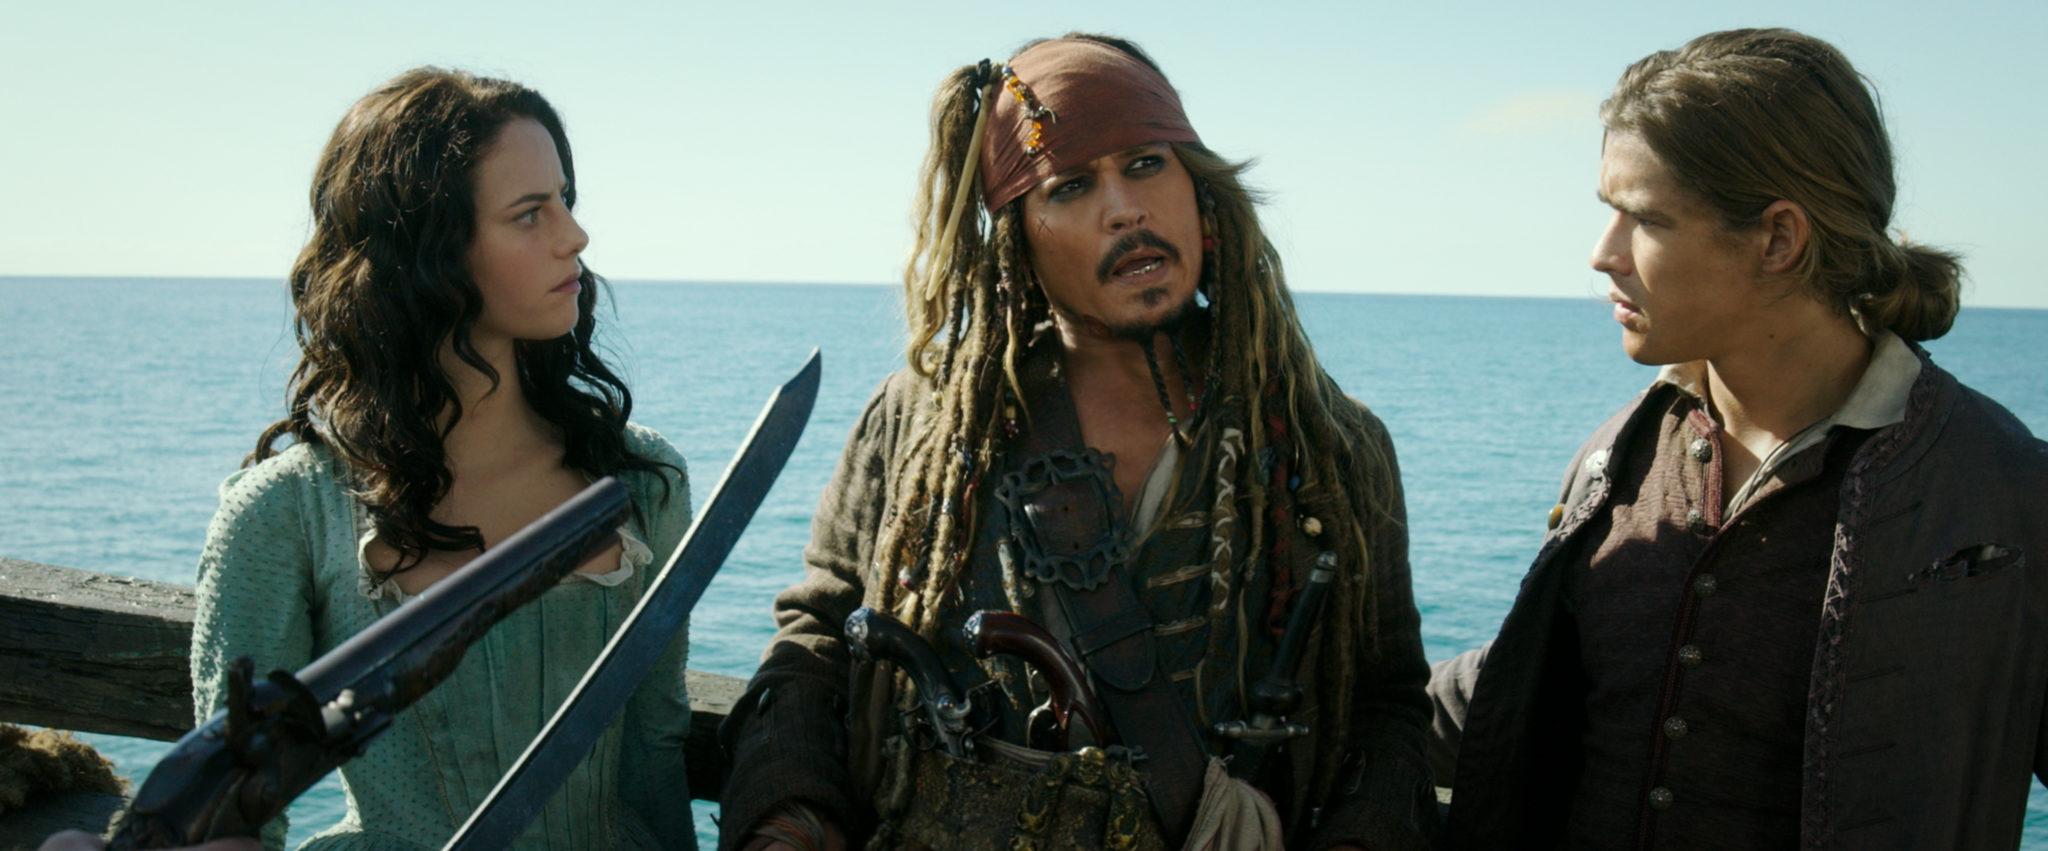 """""""Pirates of the Caribbean 5"""" – warum Hollywood keine Piraten mehr mag 2"""